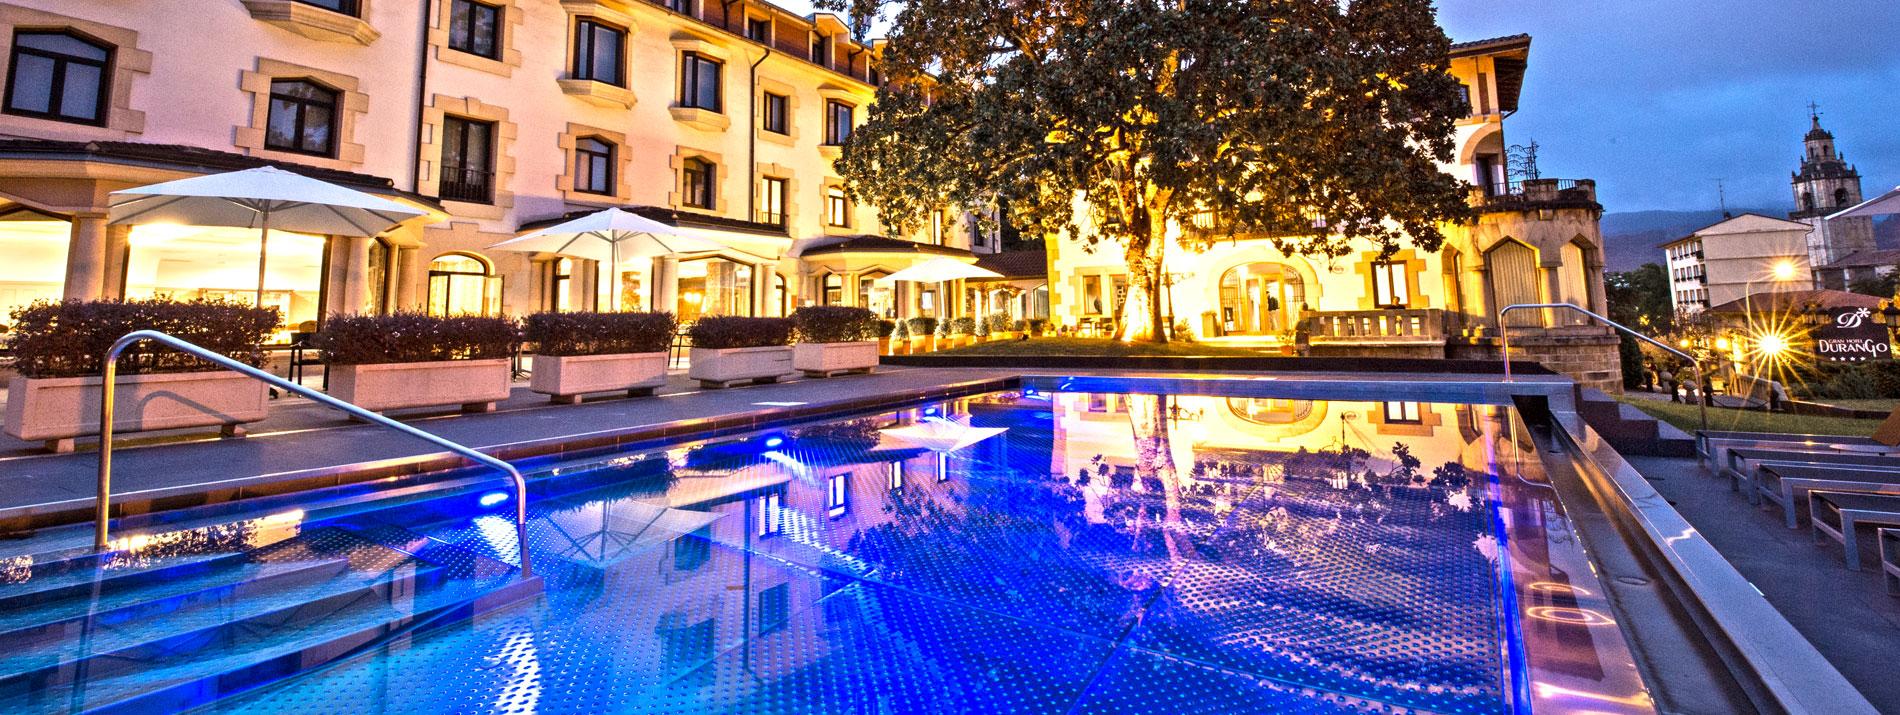 Gran Hotel Durango ****